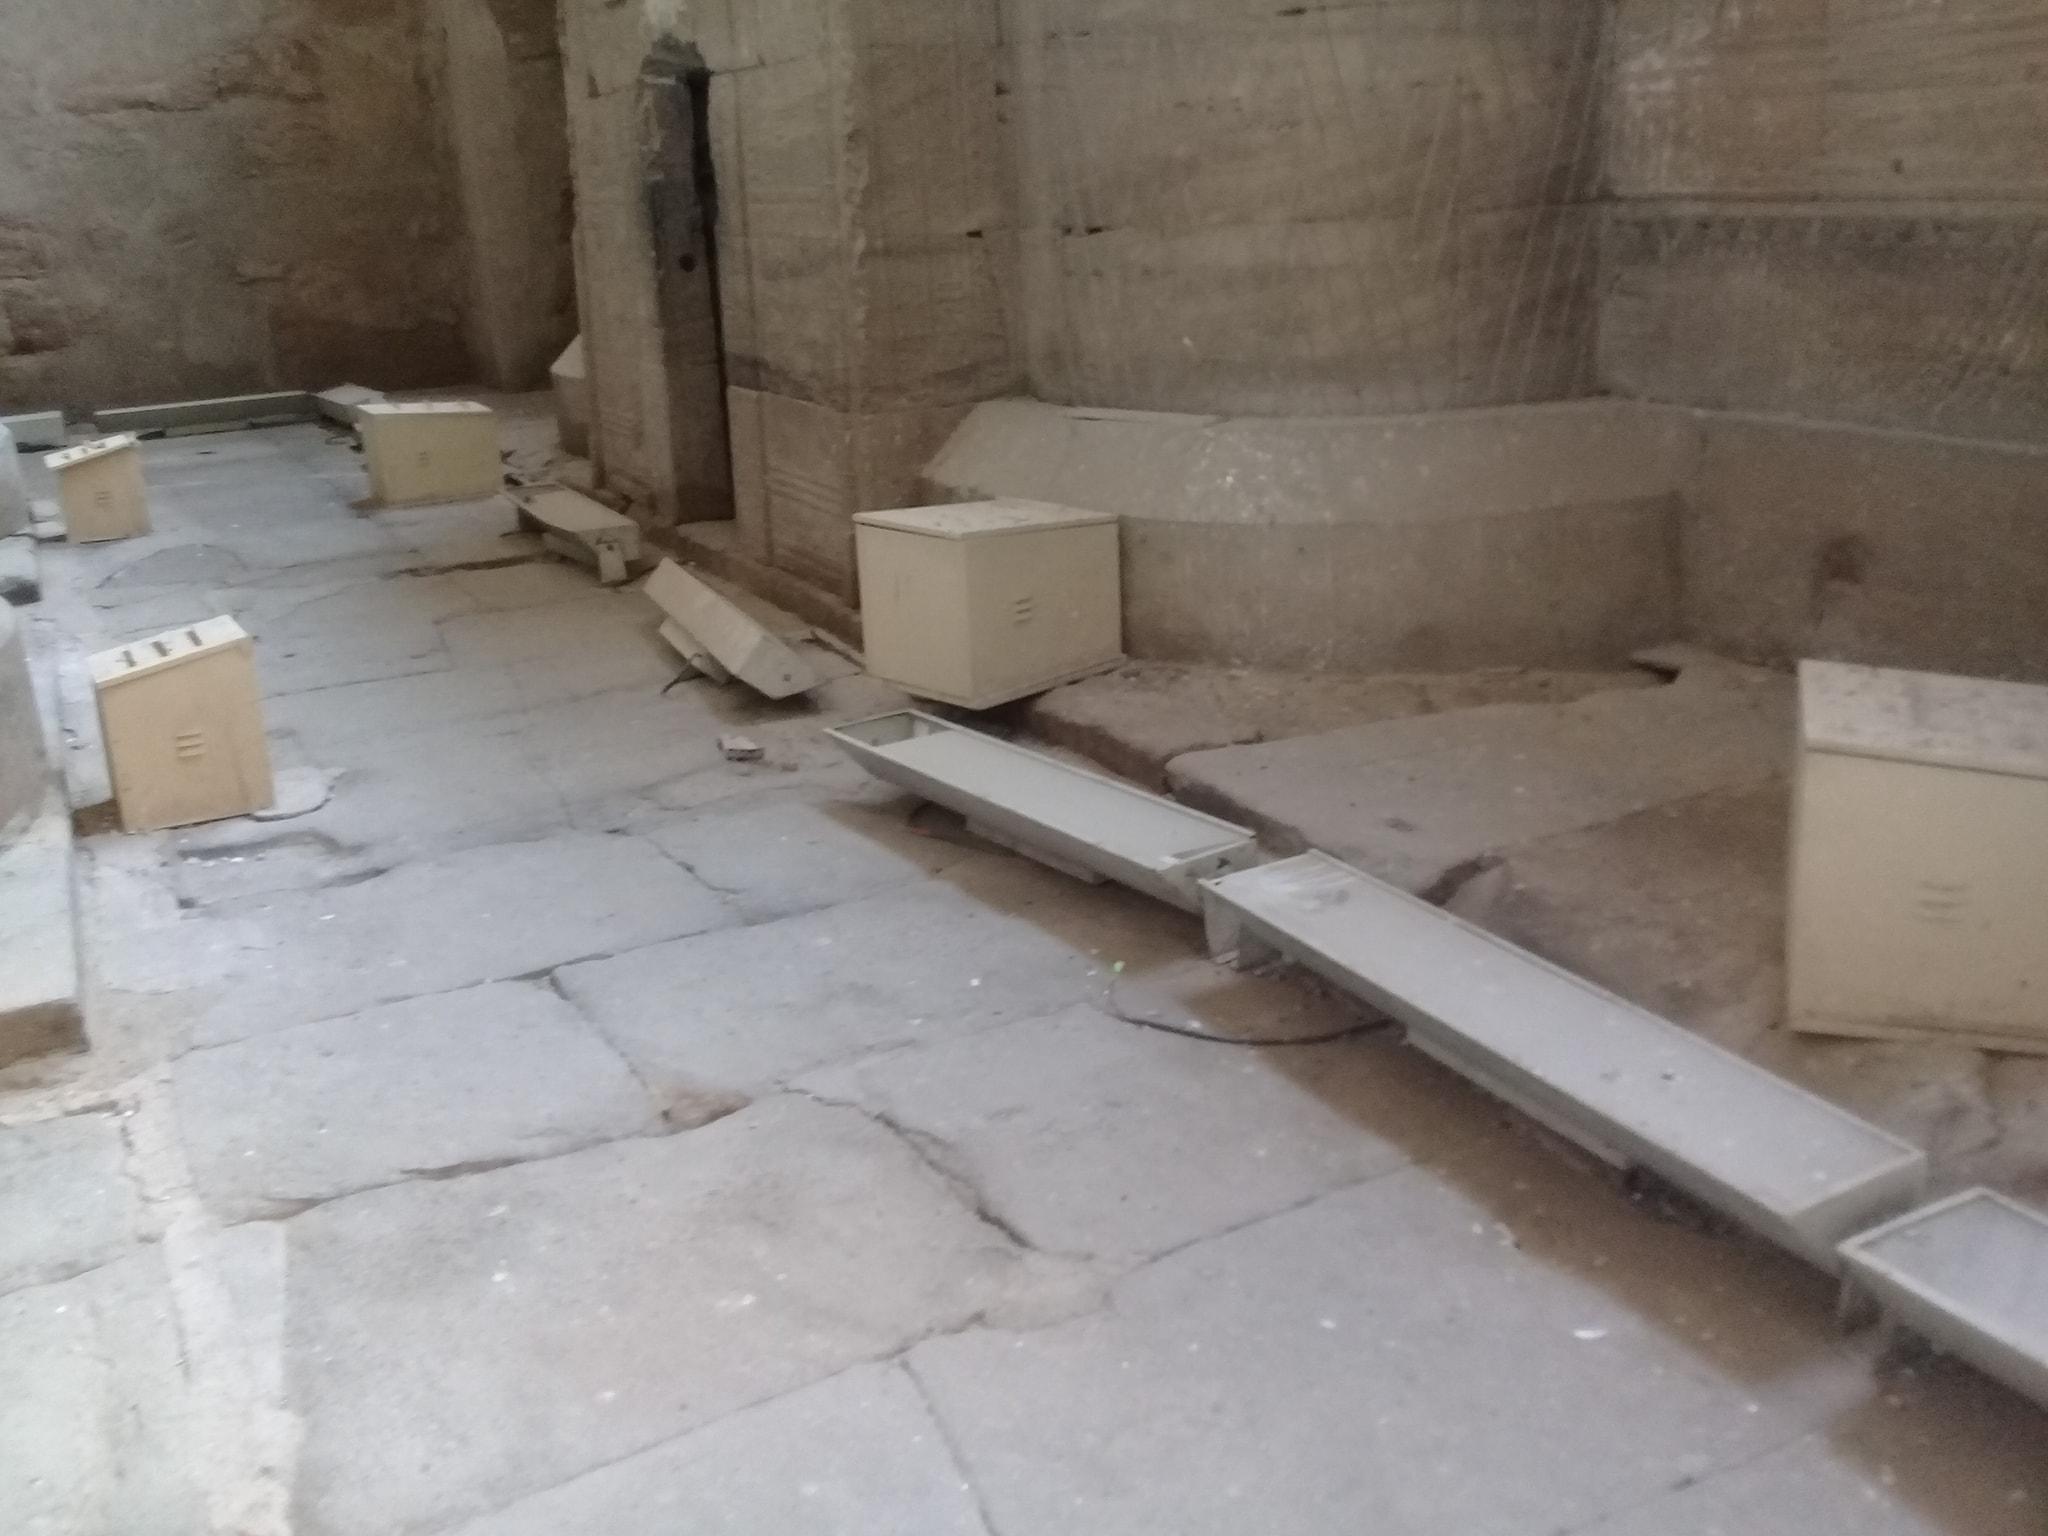 كشافات الإنارة بالمعبد